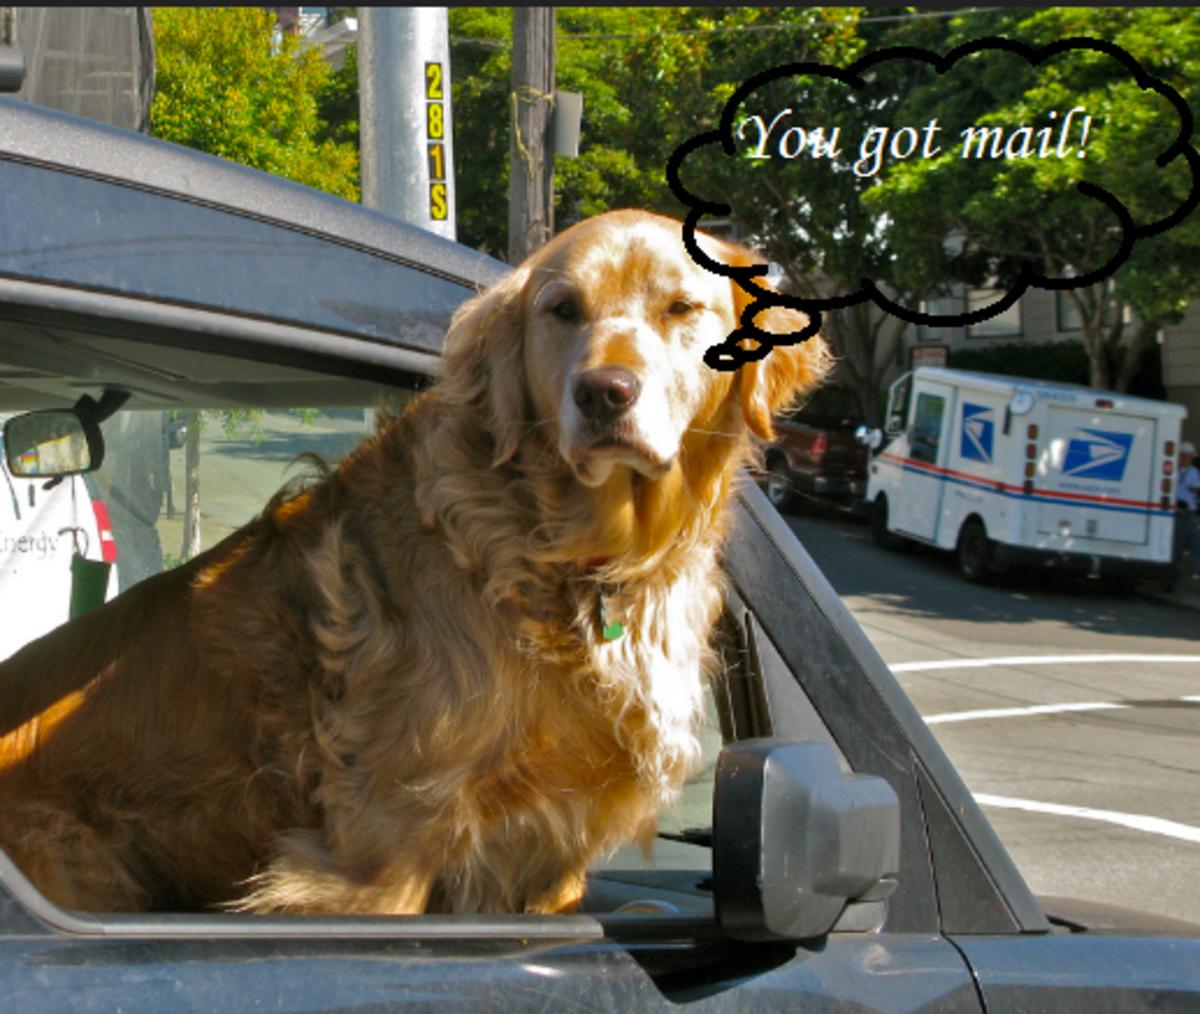 dog mailss